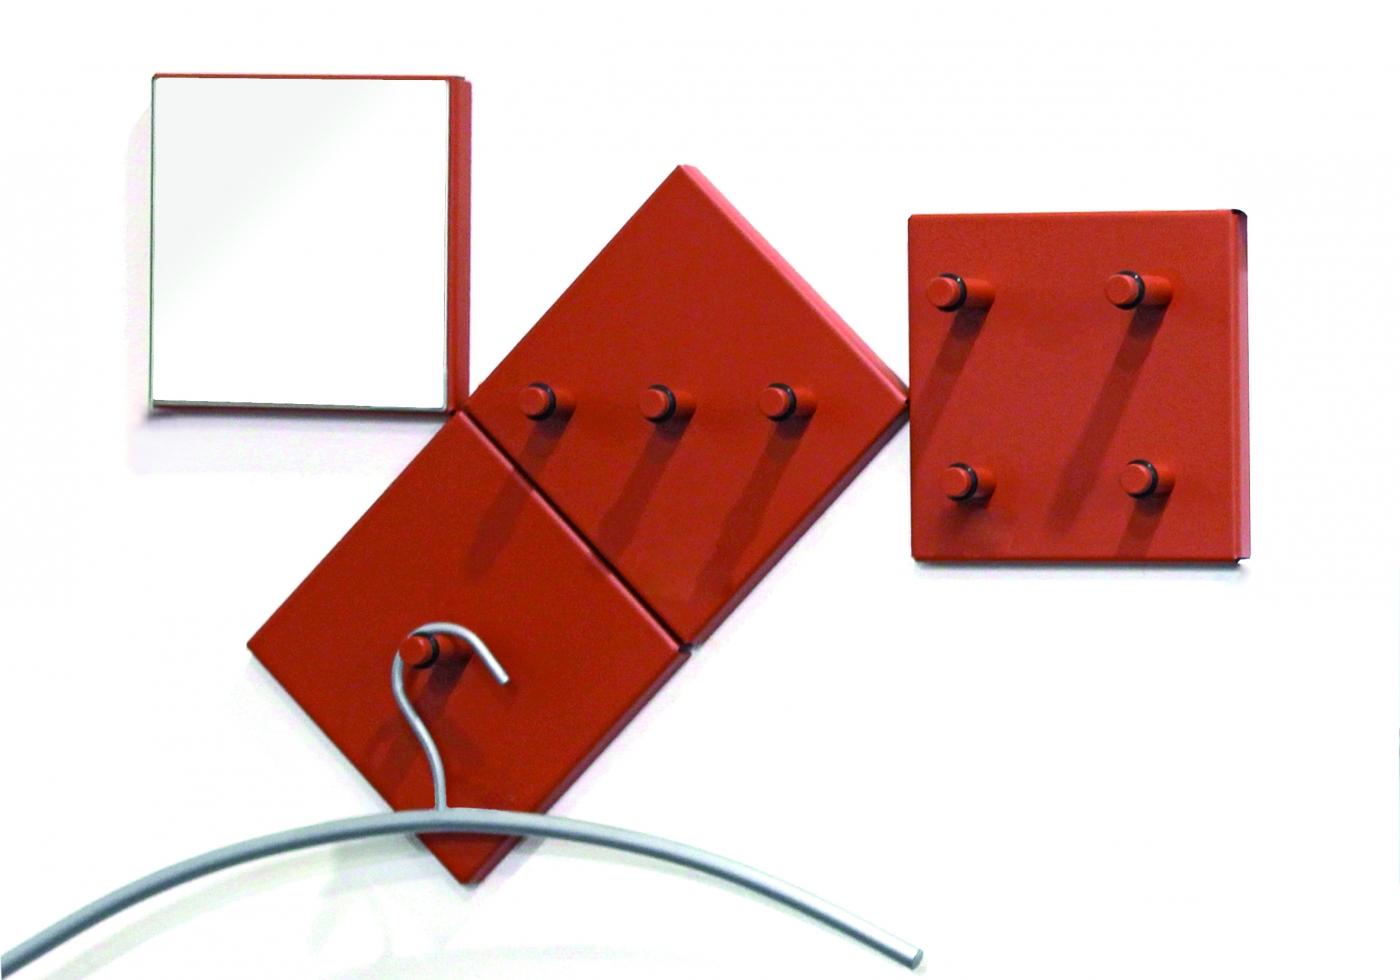 Nástěnný věšák Jordon, set 4 kusů, 15 cm, červená